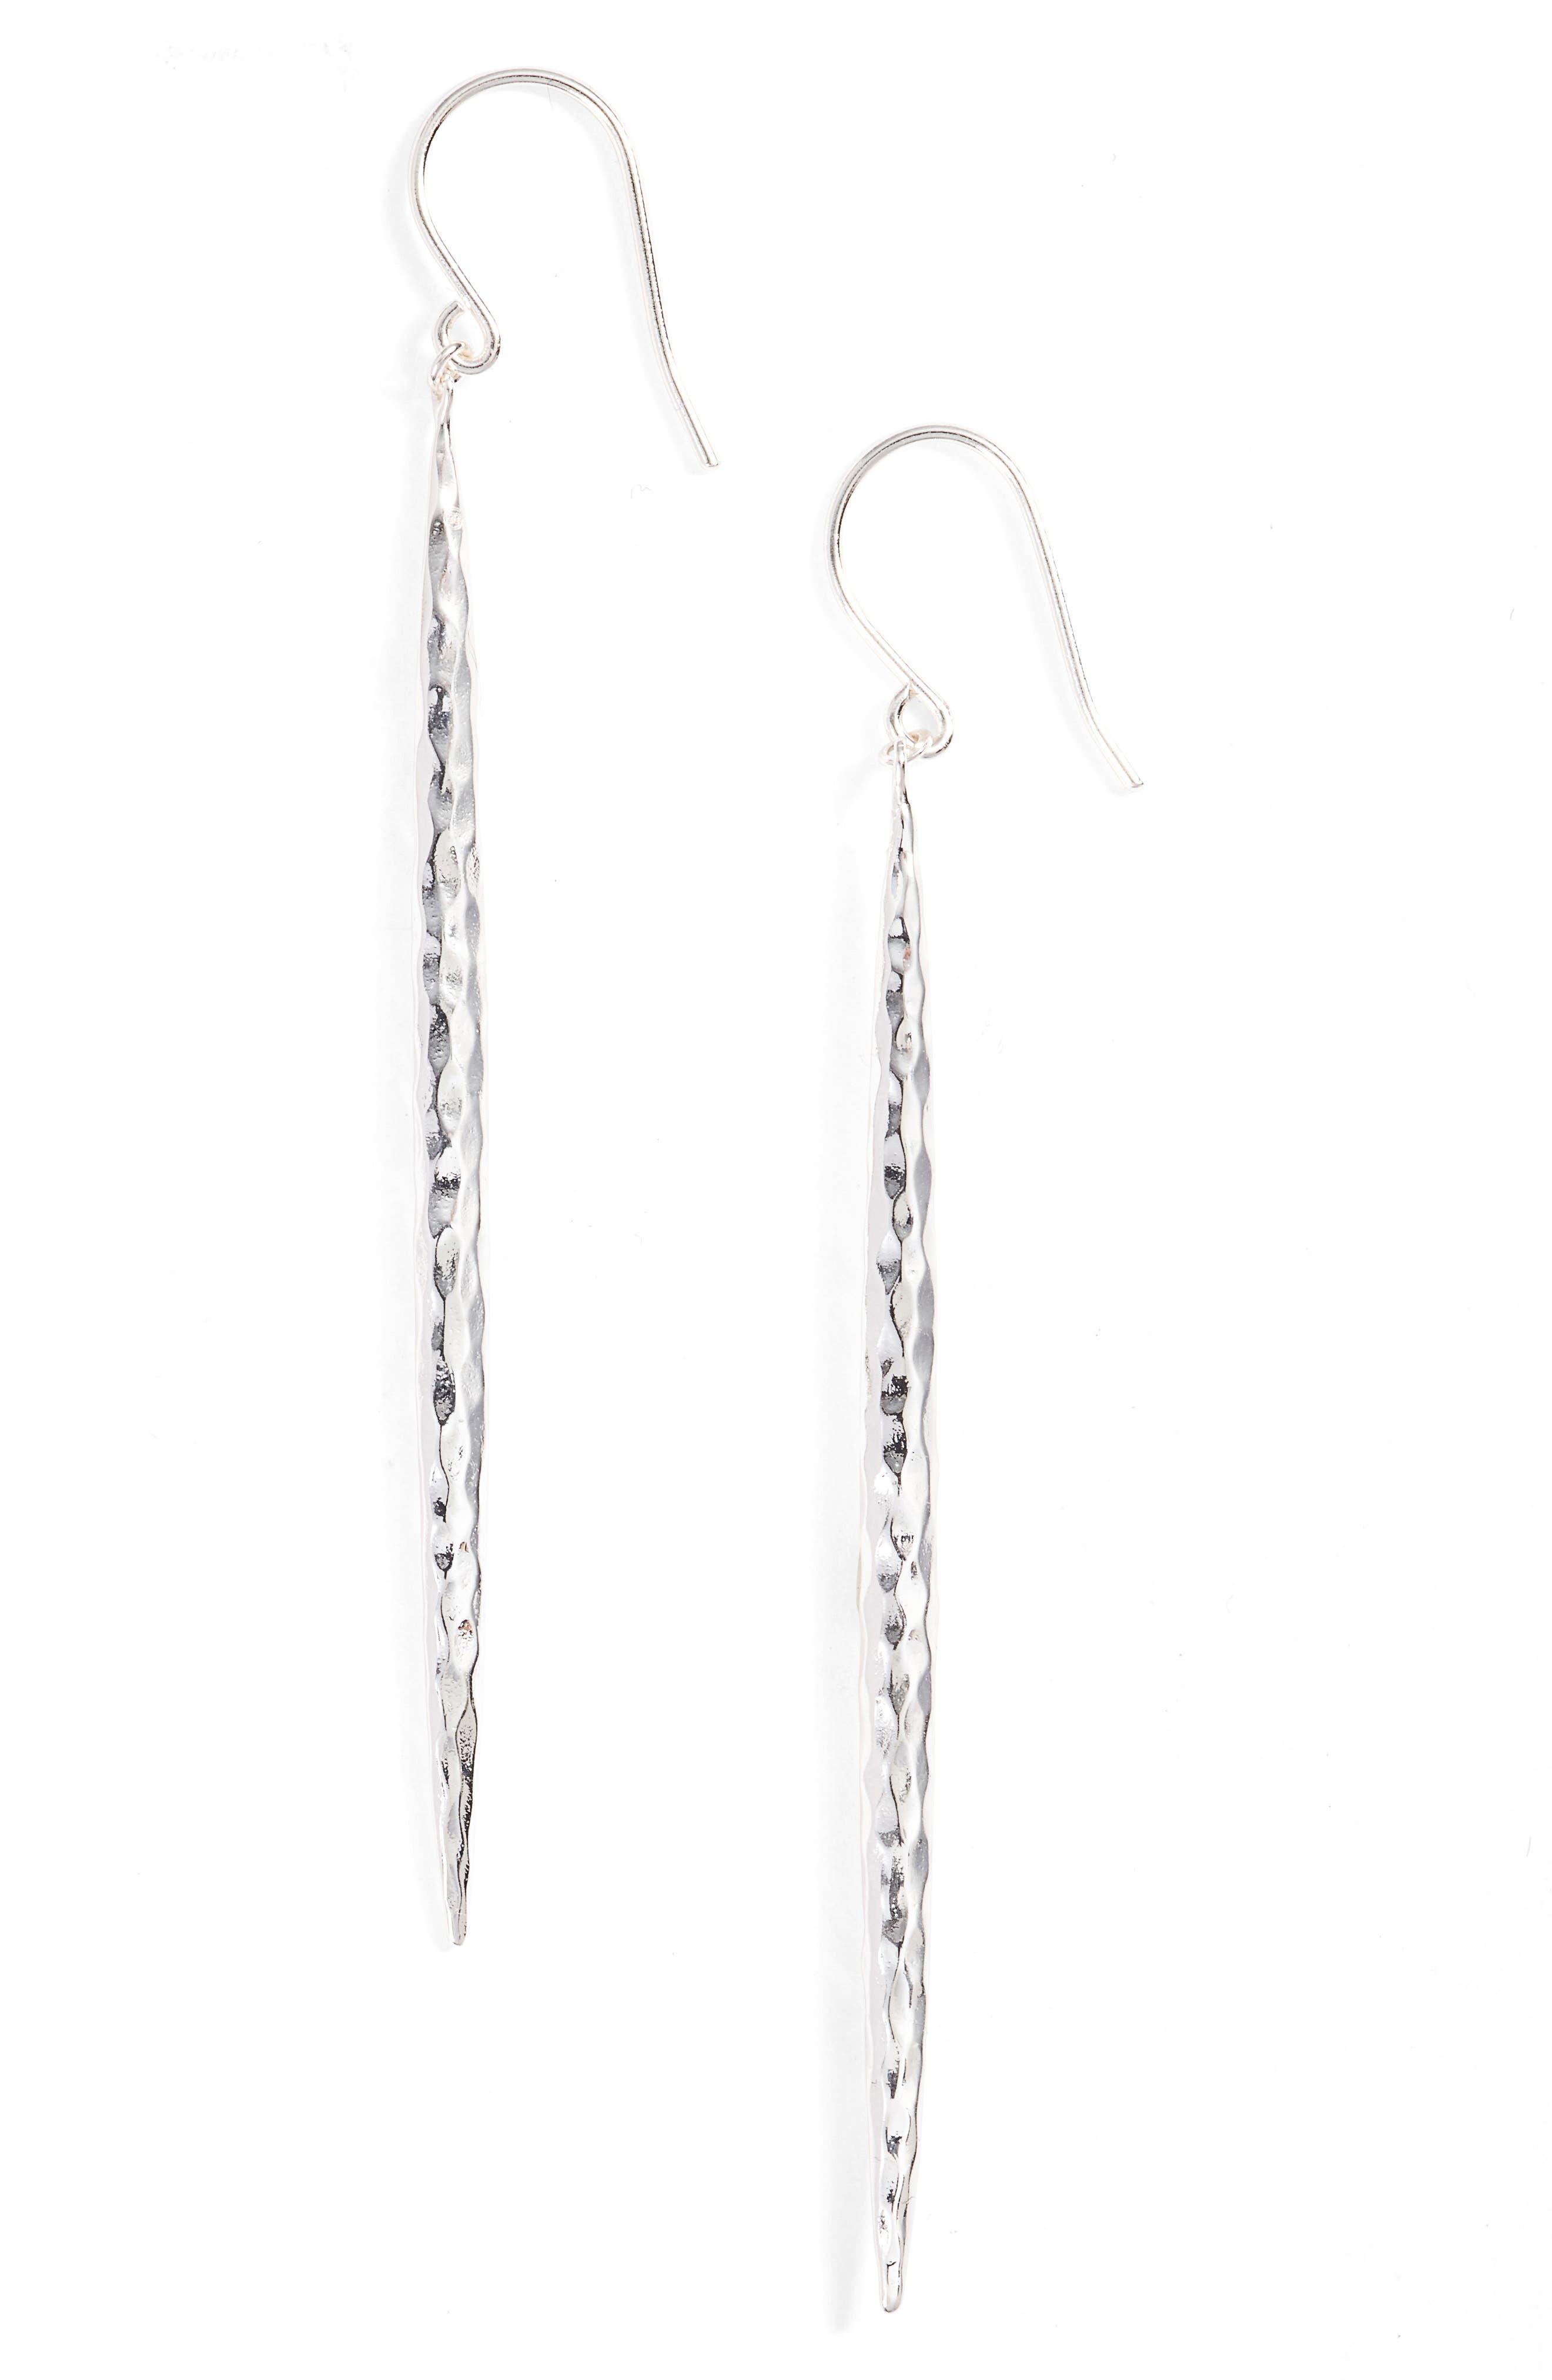 gorjana Nora Linear Earrings